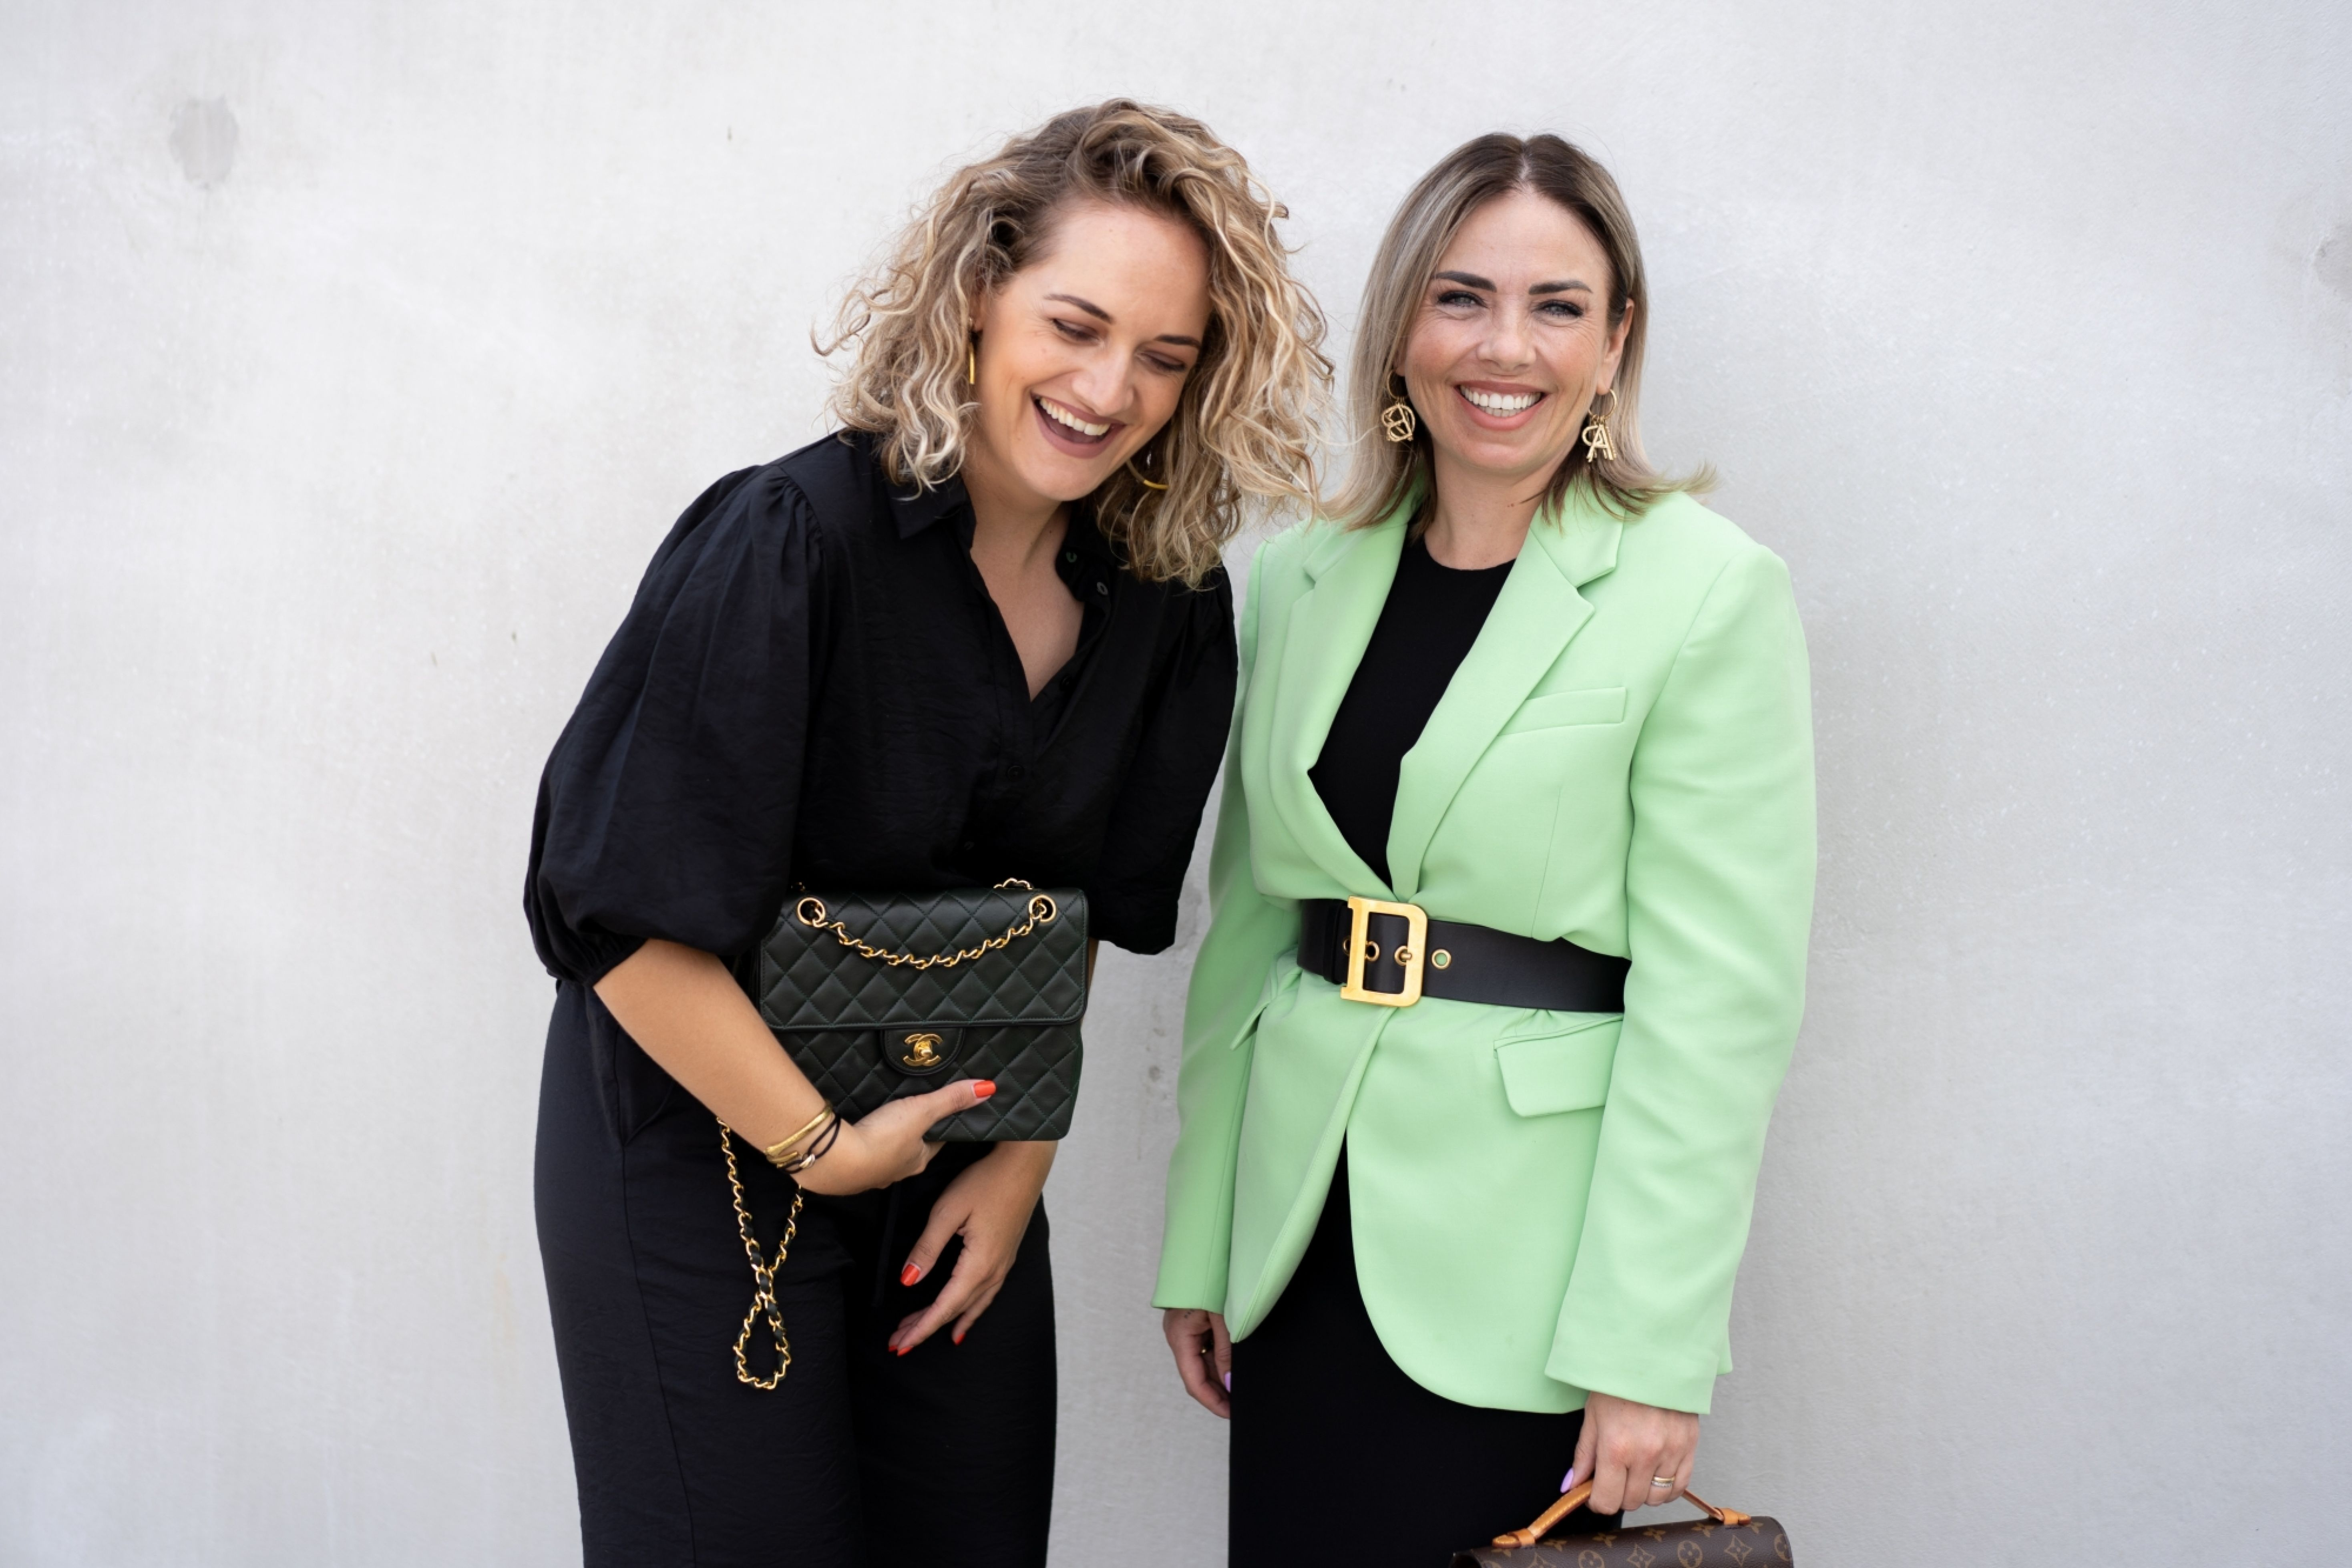 Touched vintage tassen design beleggen investeren retail mode Naaldwijk